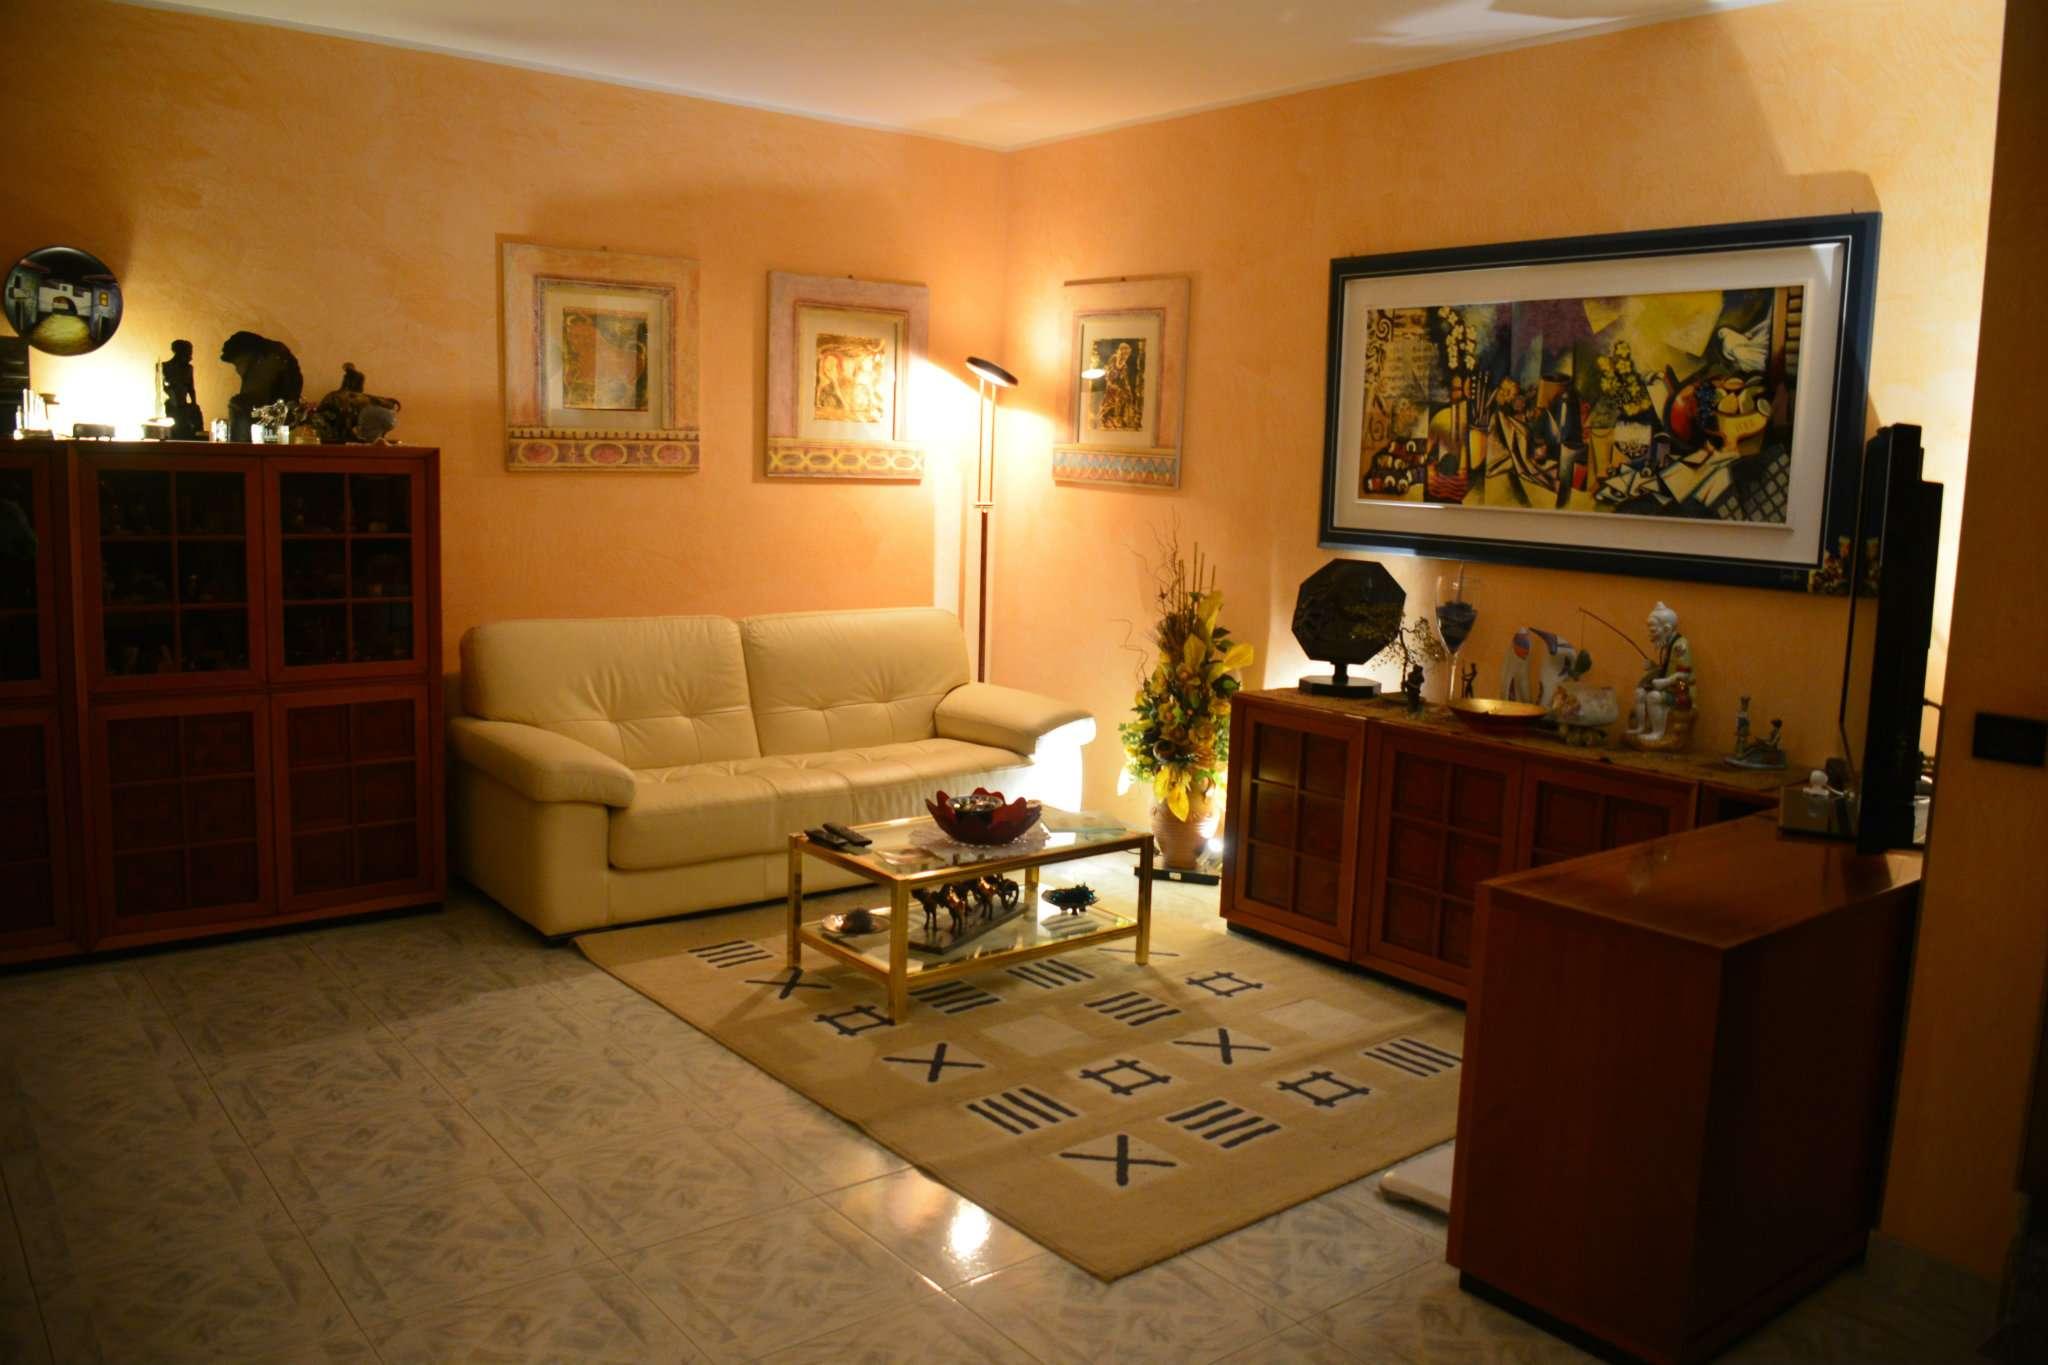 Villa in vendita a Rozzano, 5 locali, prezzo € 450.000 | CambioCasa.it